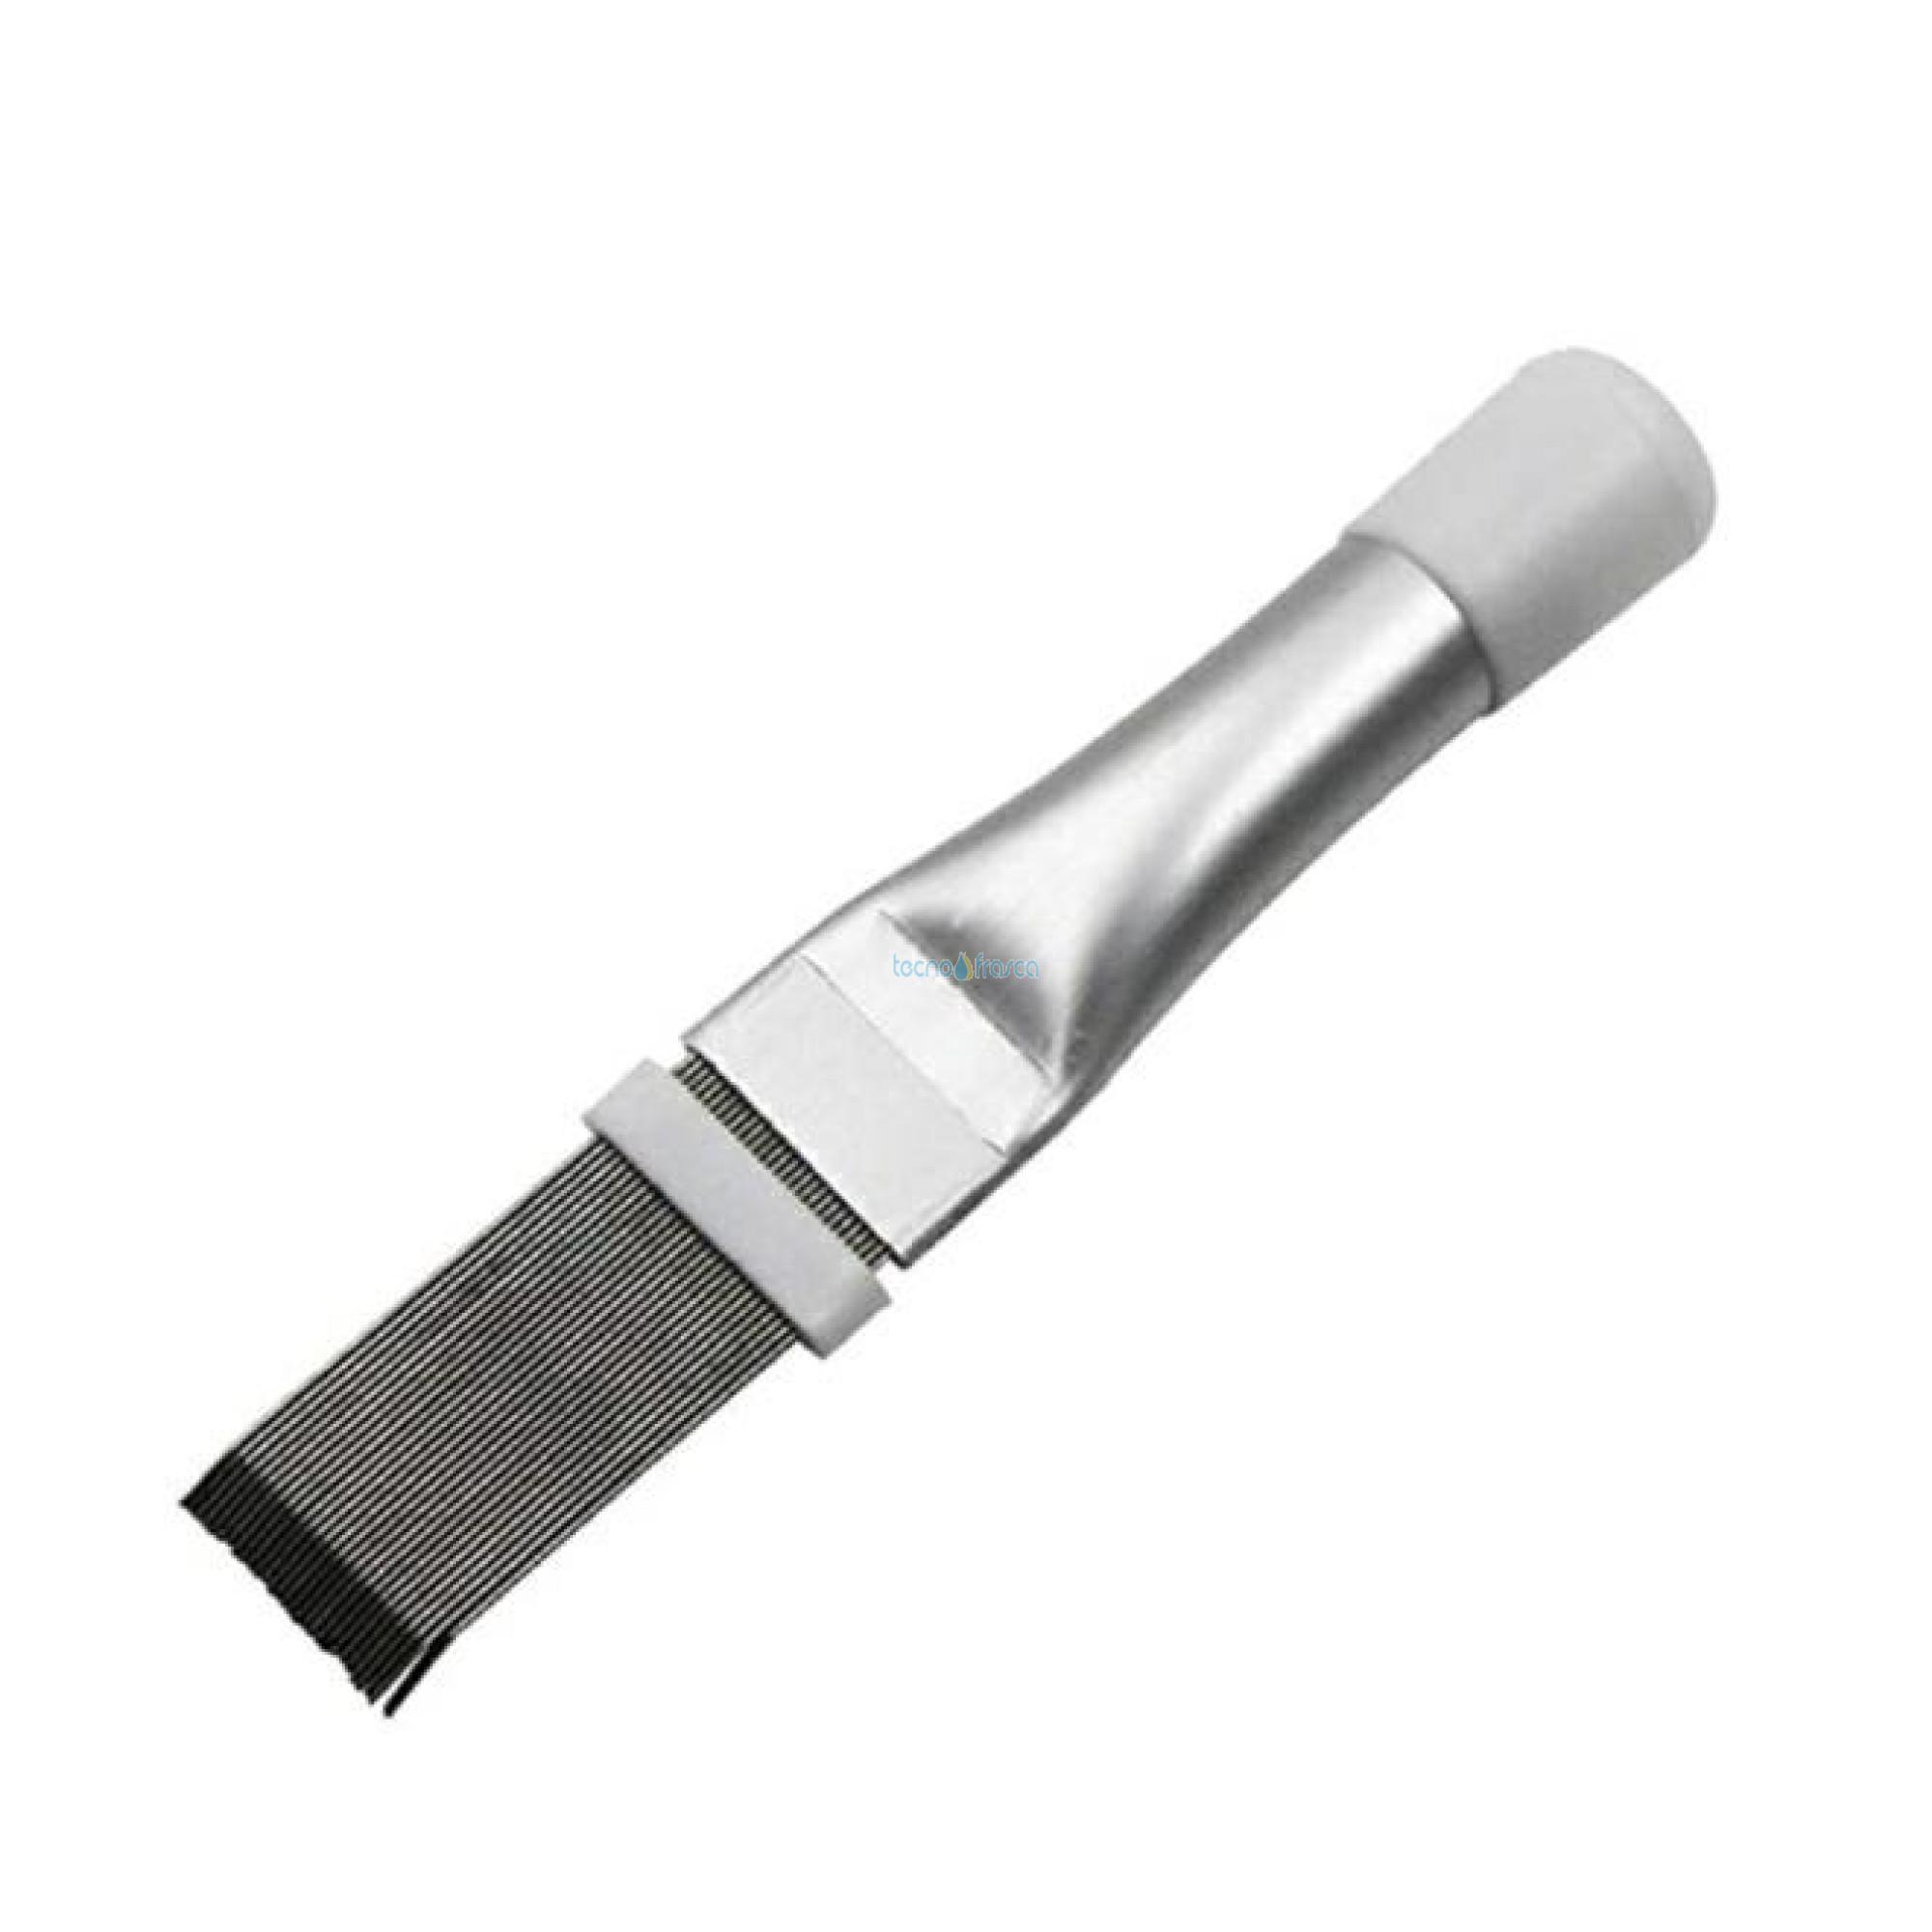 Pettine acciaio per pulizia riparazione pacchi lamellari